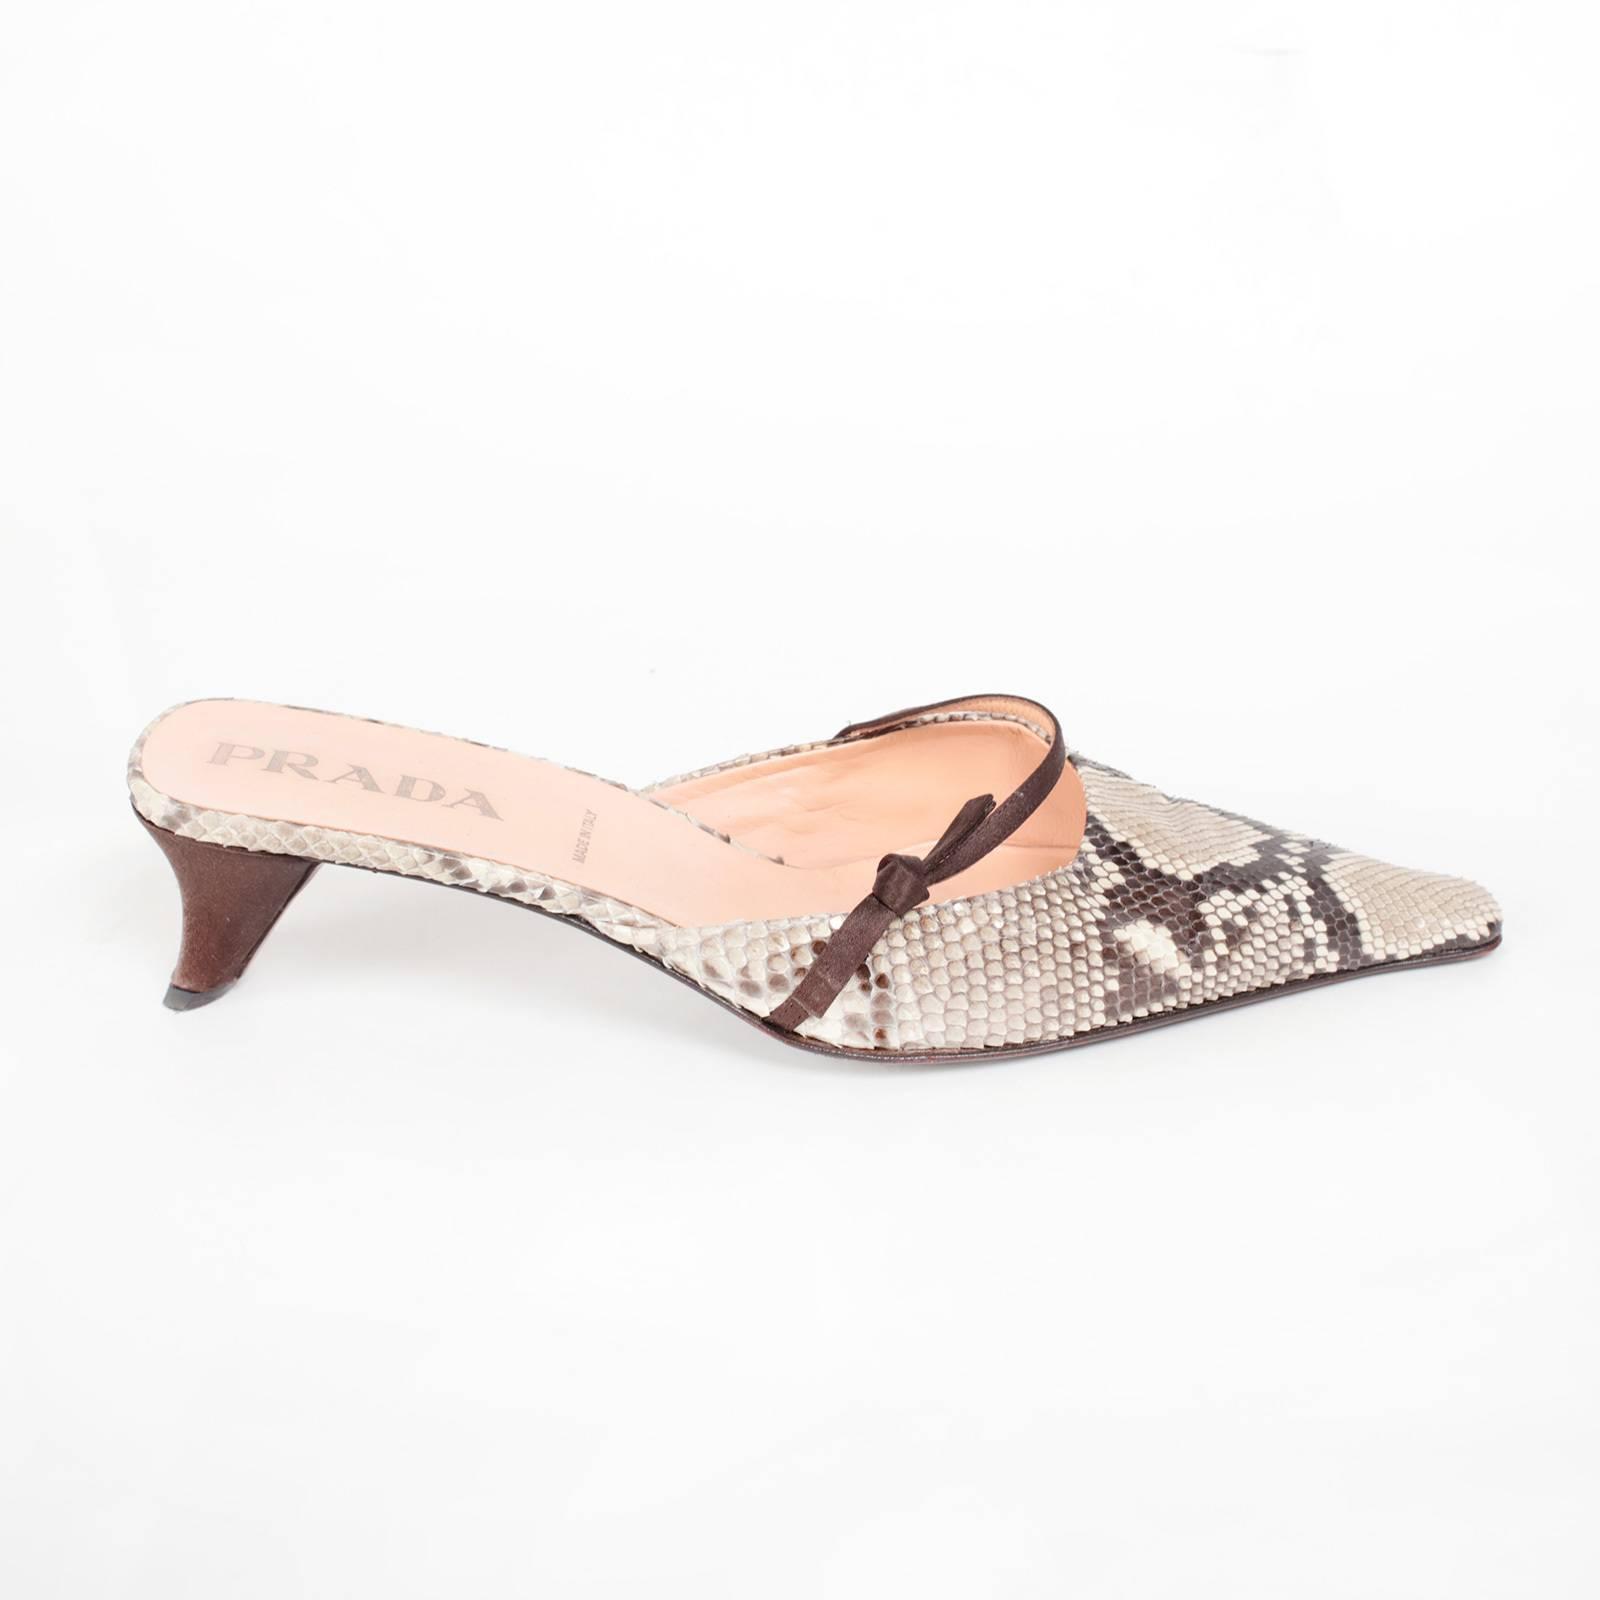 80bd6ee62209 Купить туфли Prada в Москве с доставкой по цене 12000 рублей ...